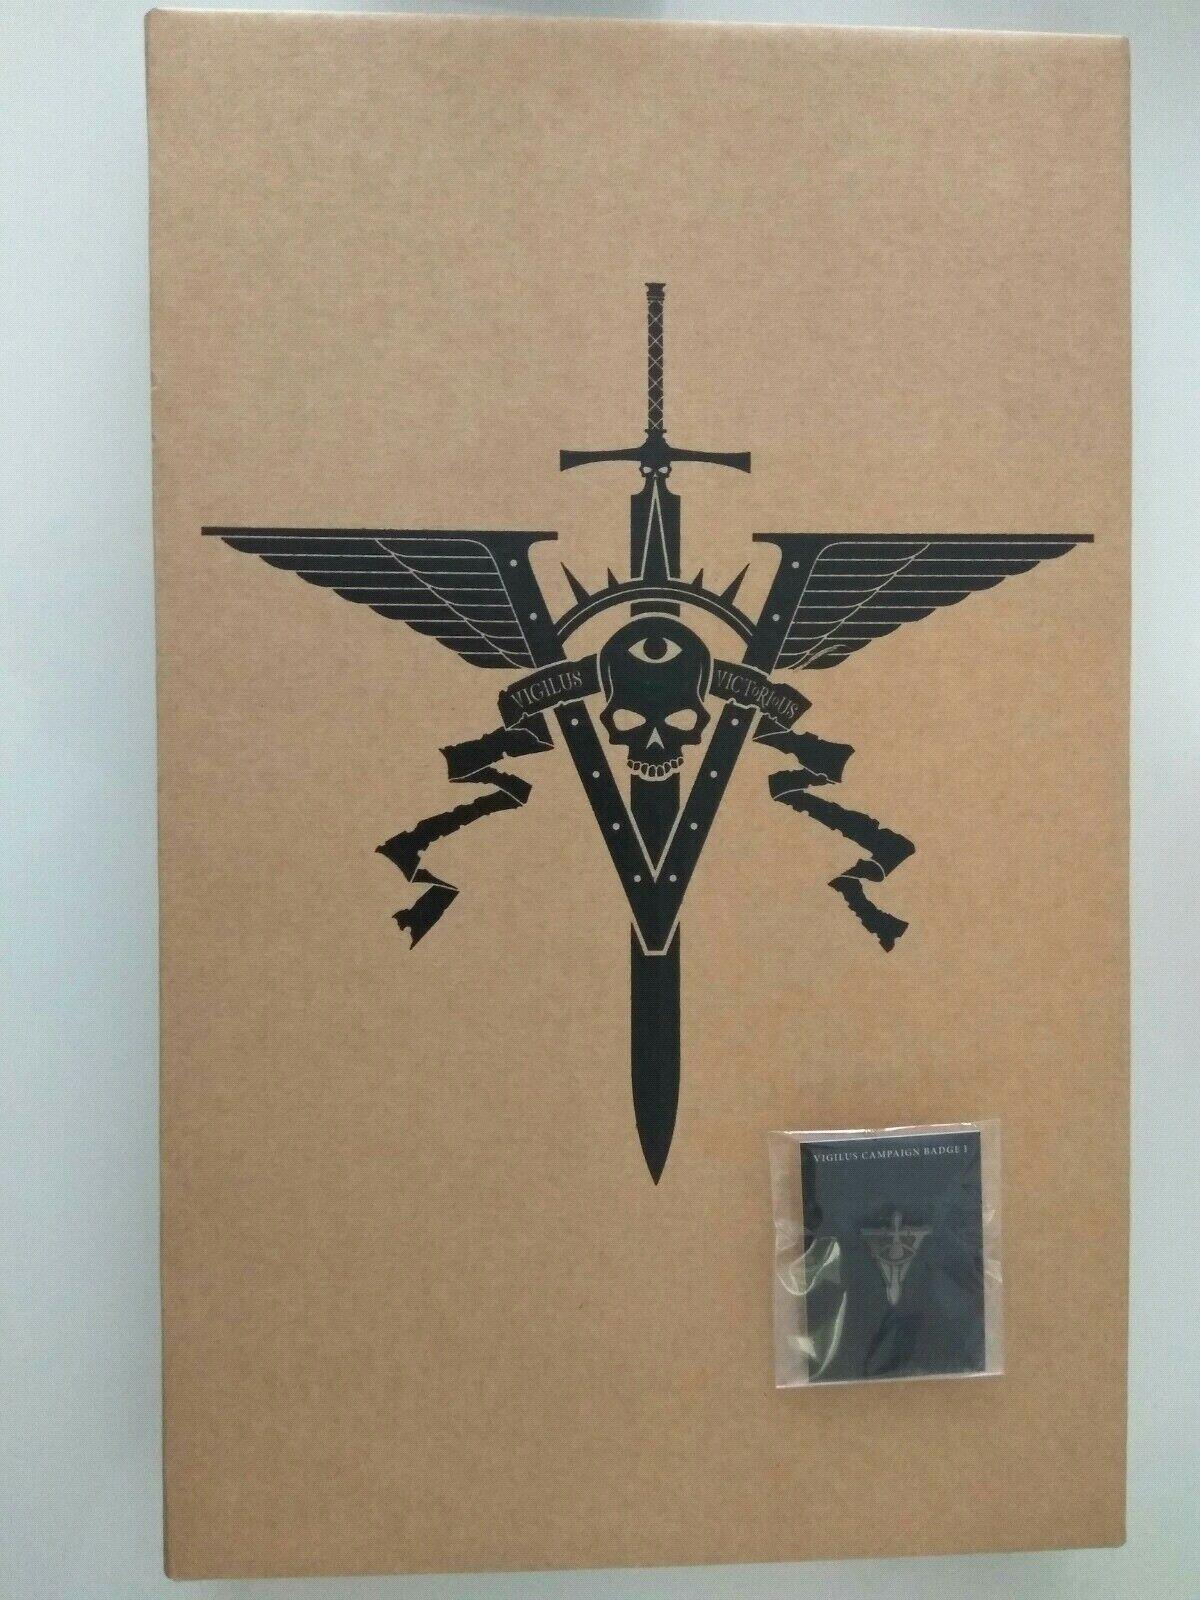 Warhammer 40k Imperium vigilus Defiant Collector's slipcase edition oop  & badge  beaucoup de surprises